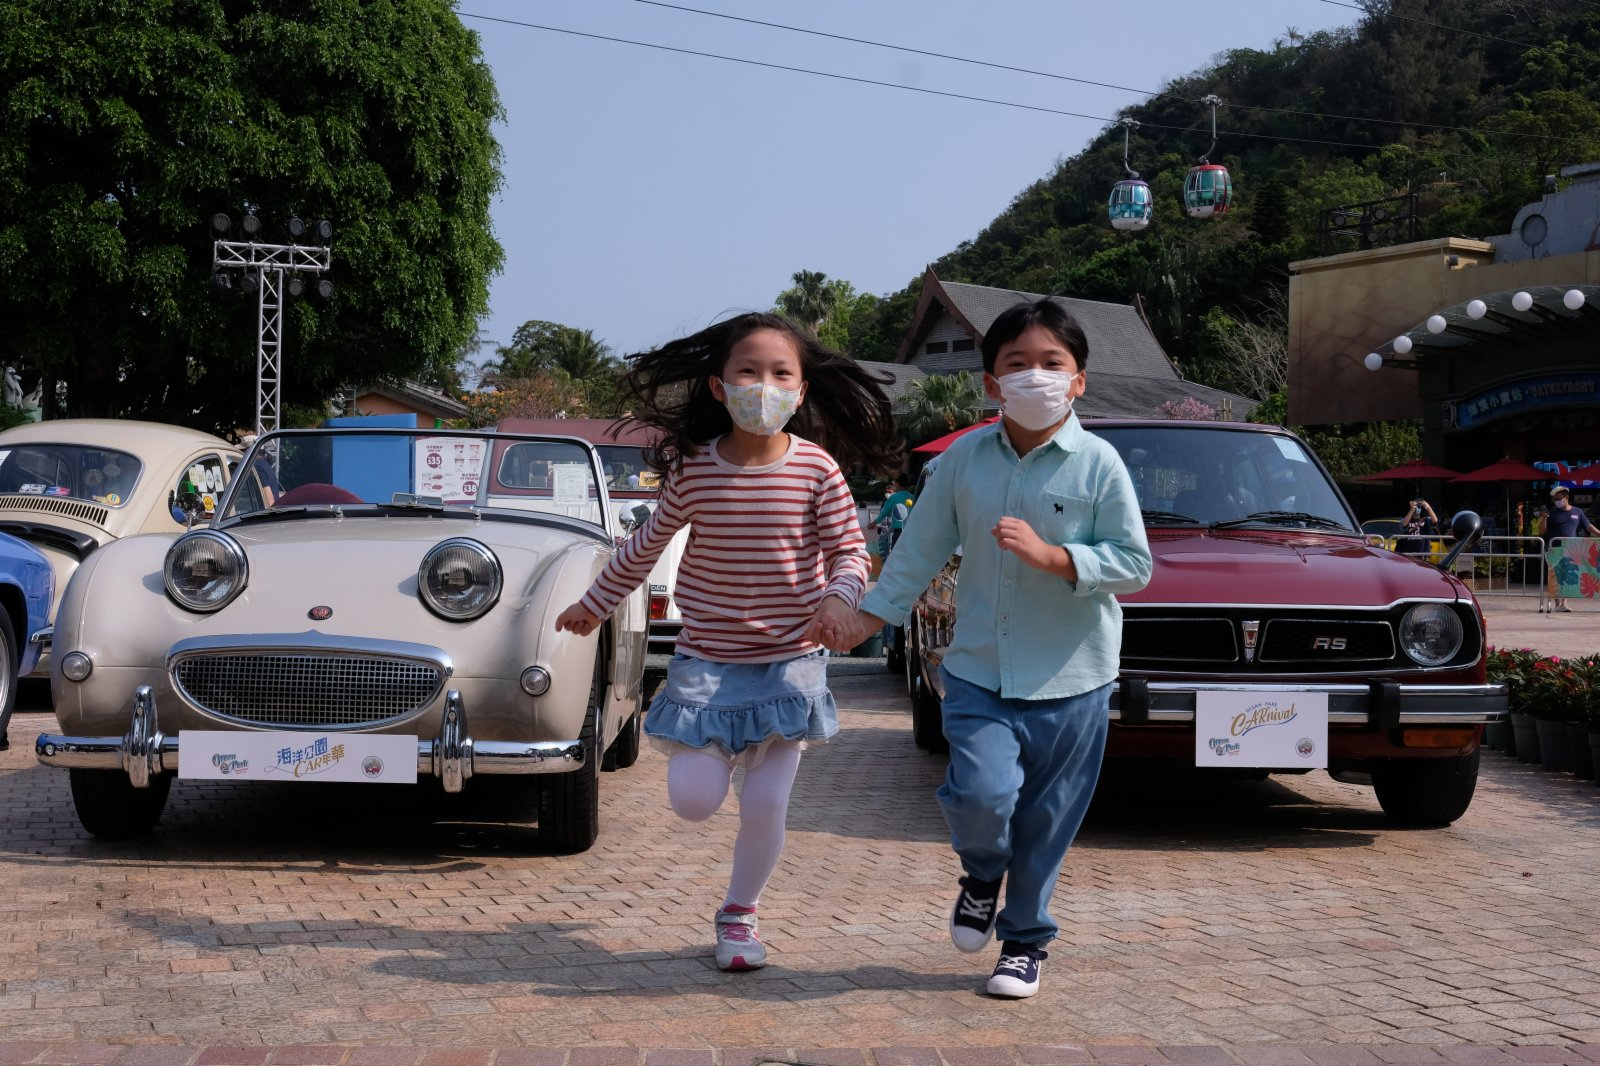 小朋友在眾多老爺車間穿梭嬉戲。